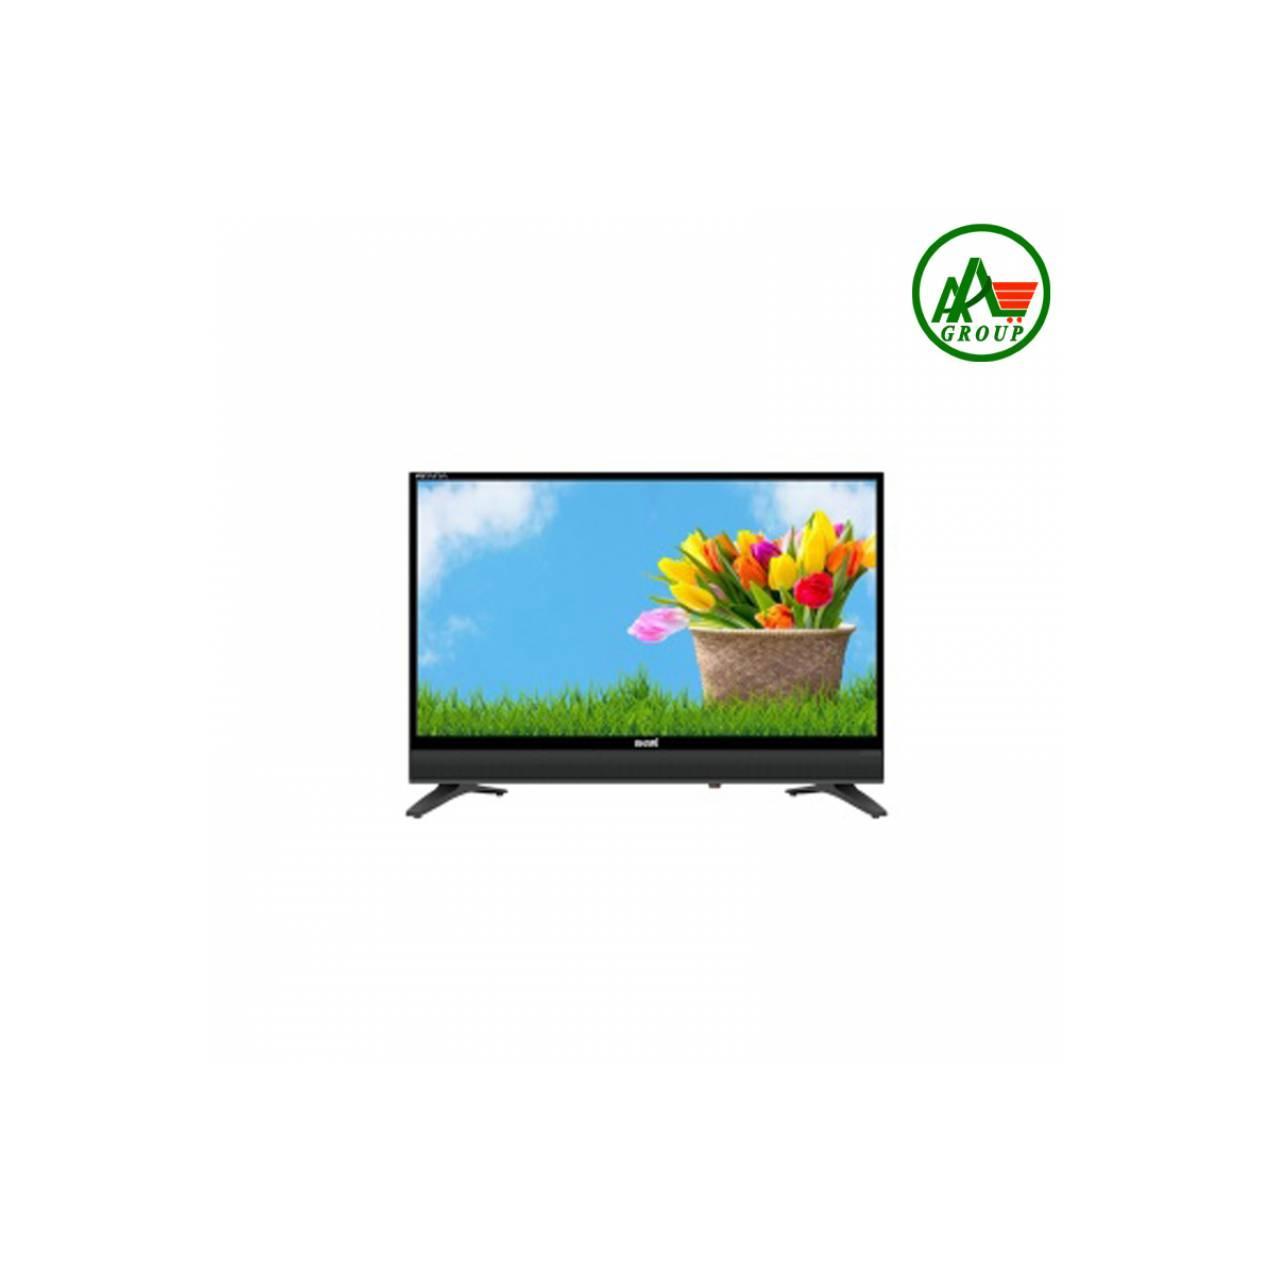 TV LED Akari 20 inch 20K88